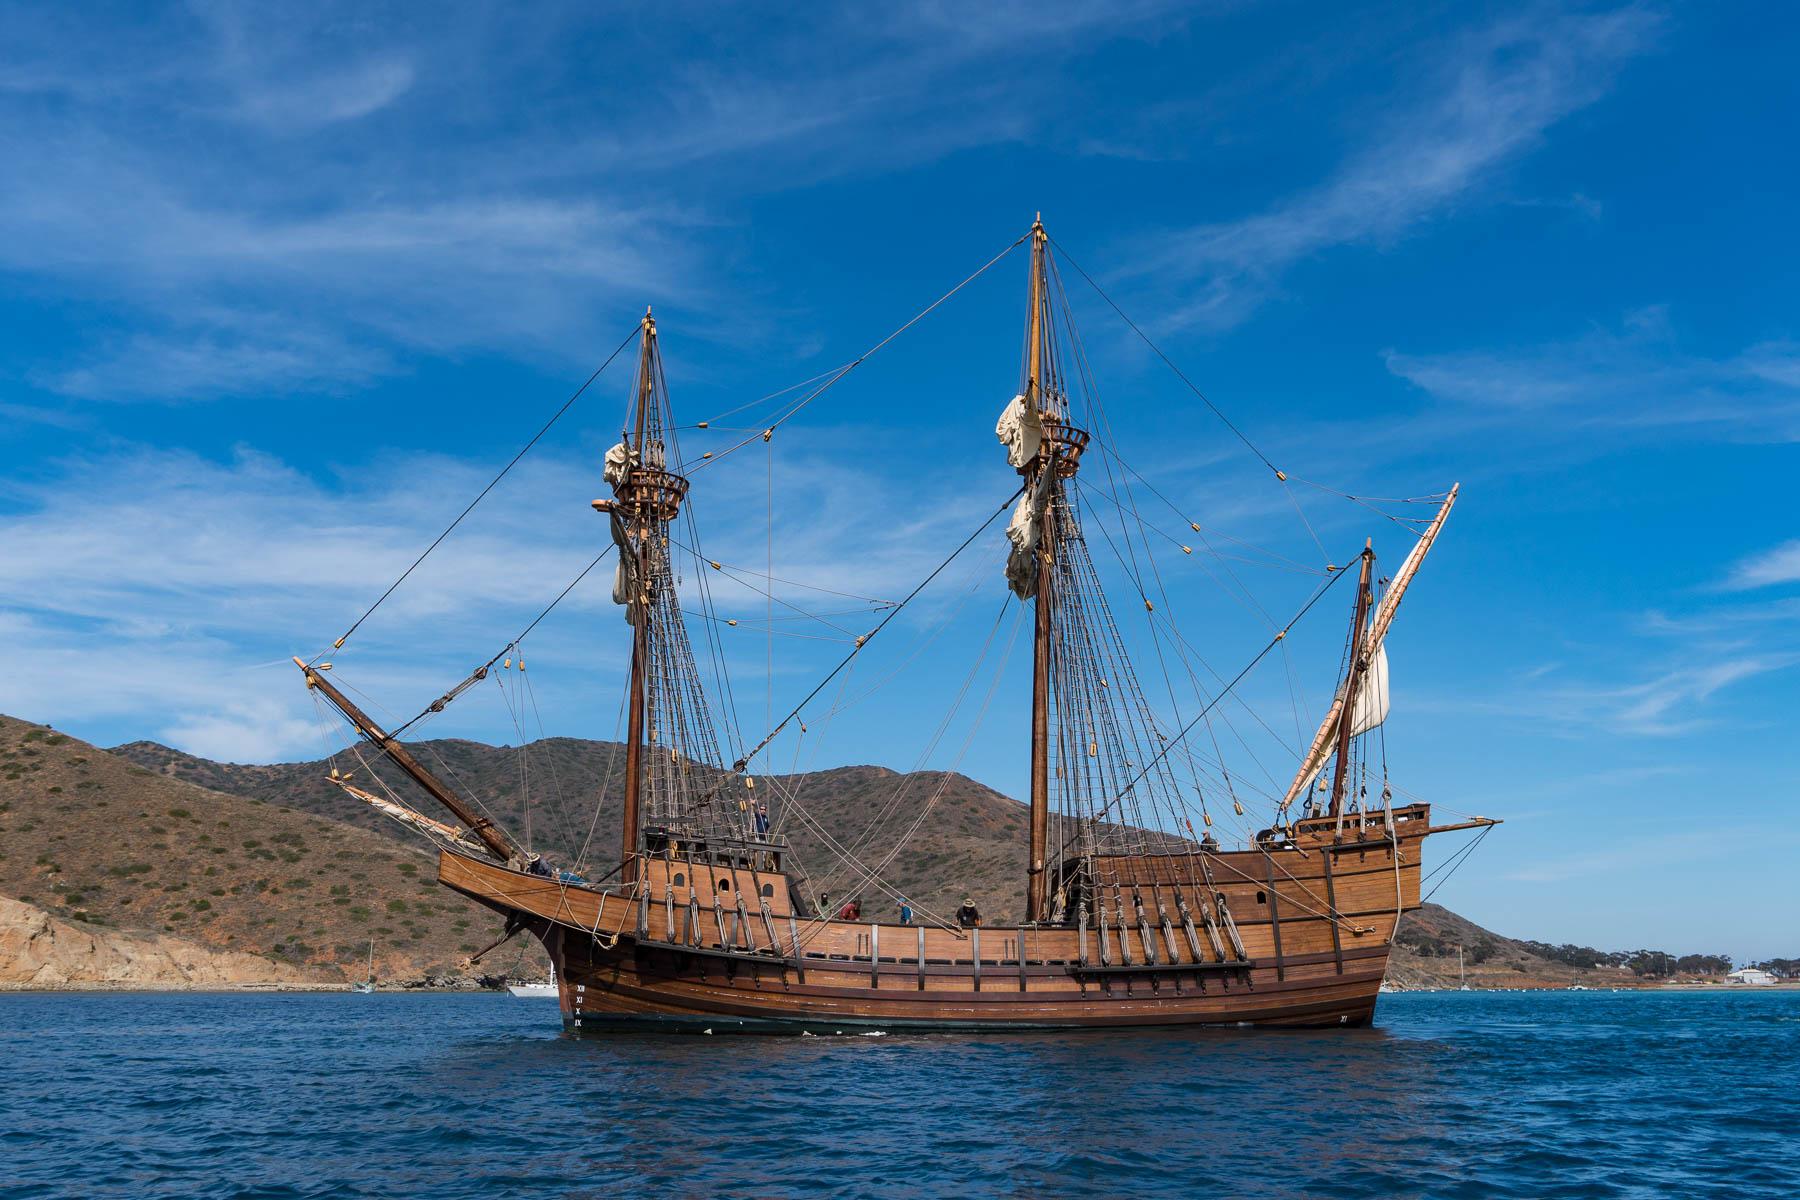 San Salvador - Maritime Museum of San Diego